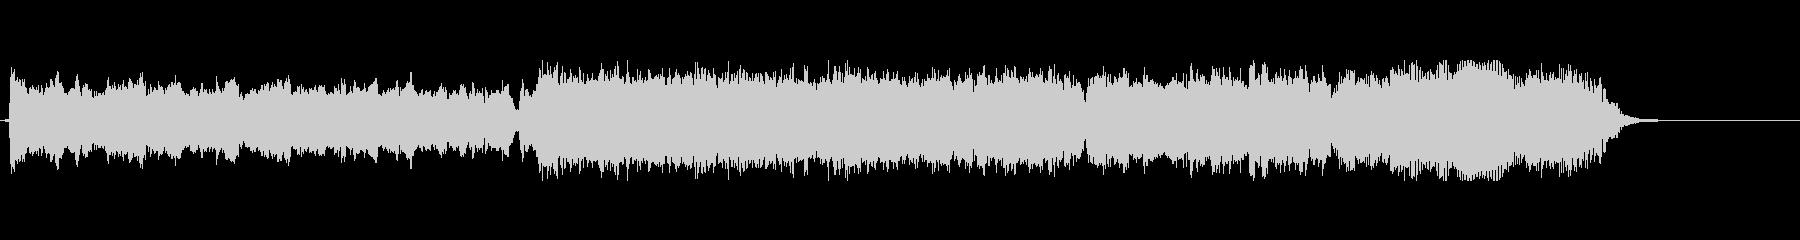 エレキギター 場面転換➄ CMの未再生の波形